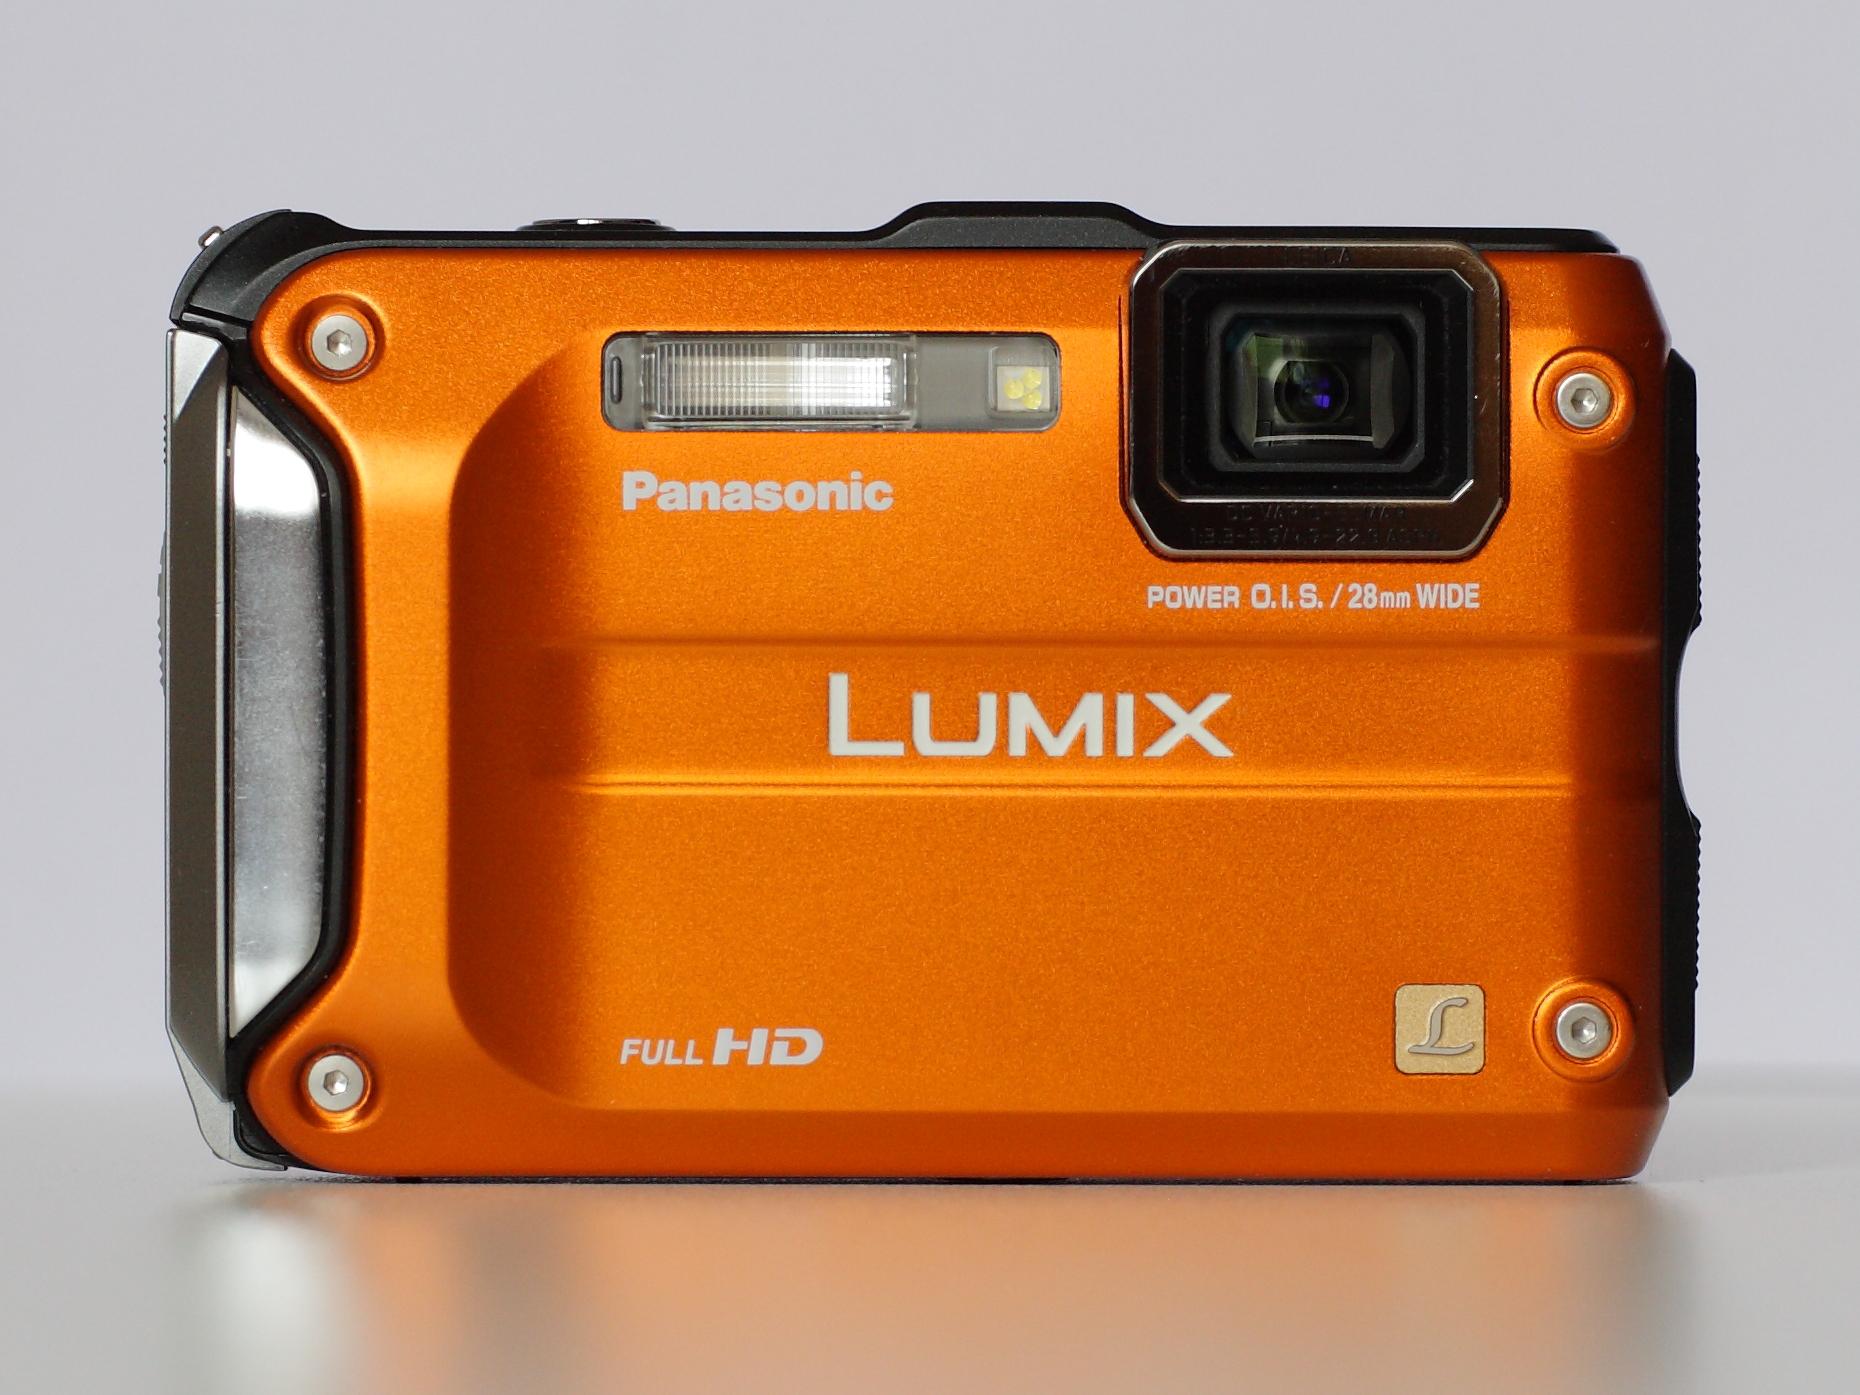 file panasonic lumix dmc ts3 orange front view jpg wikimedia rh commons wikimedia org panasonic lumix dmc tz3 manual Newest Panasonic Lumix Camera